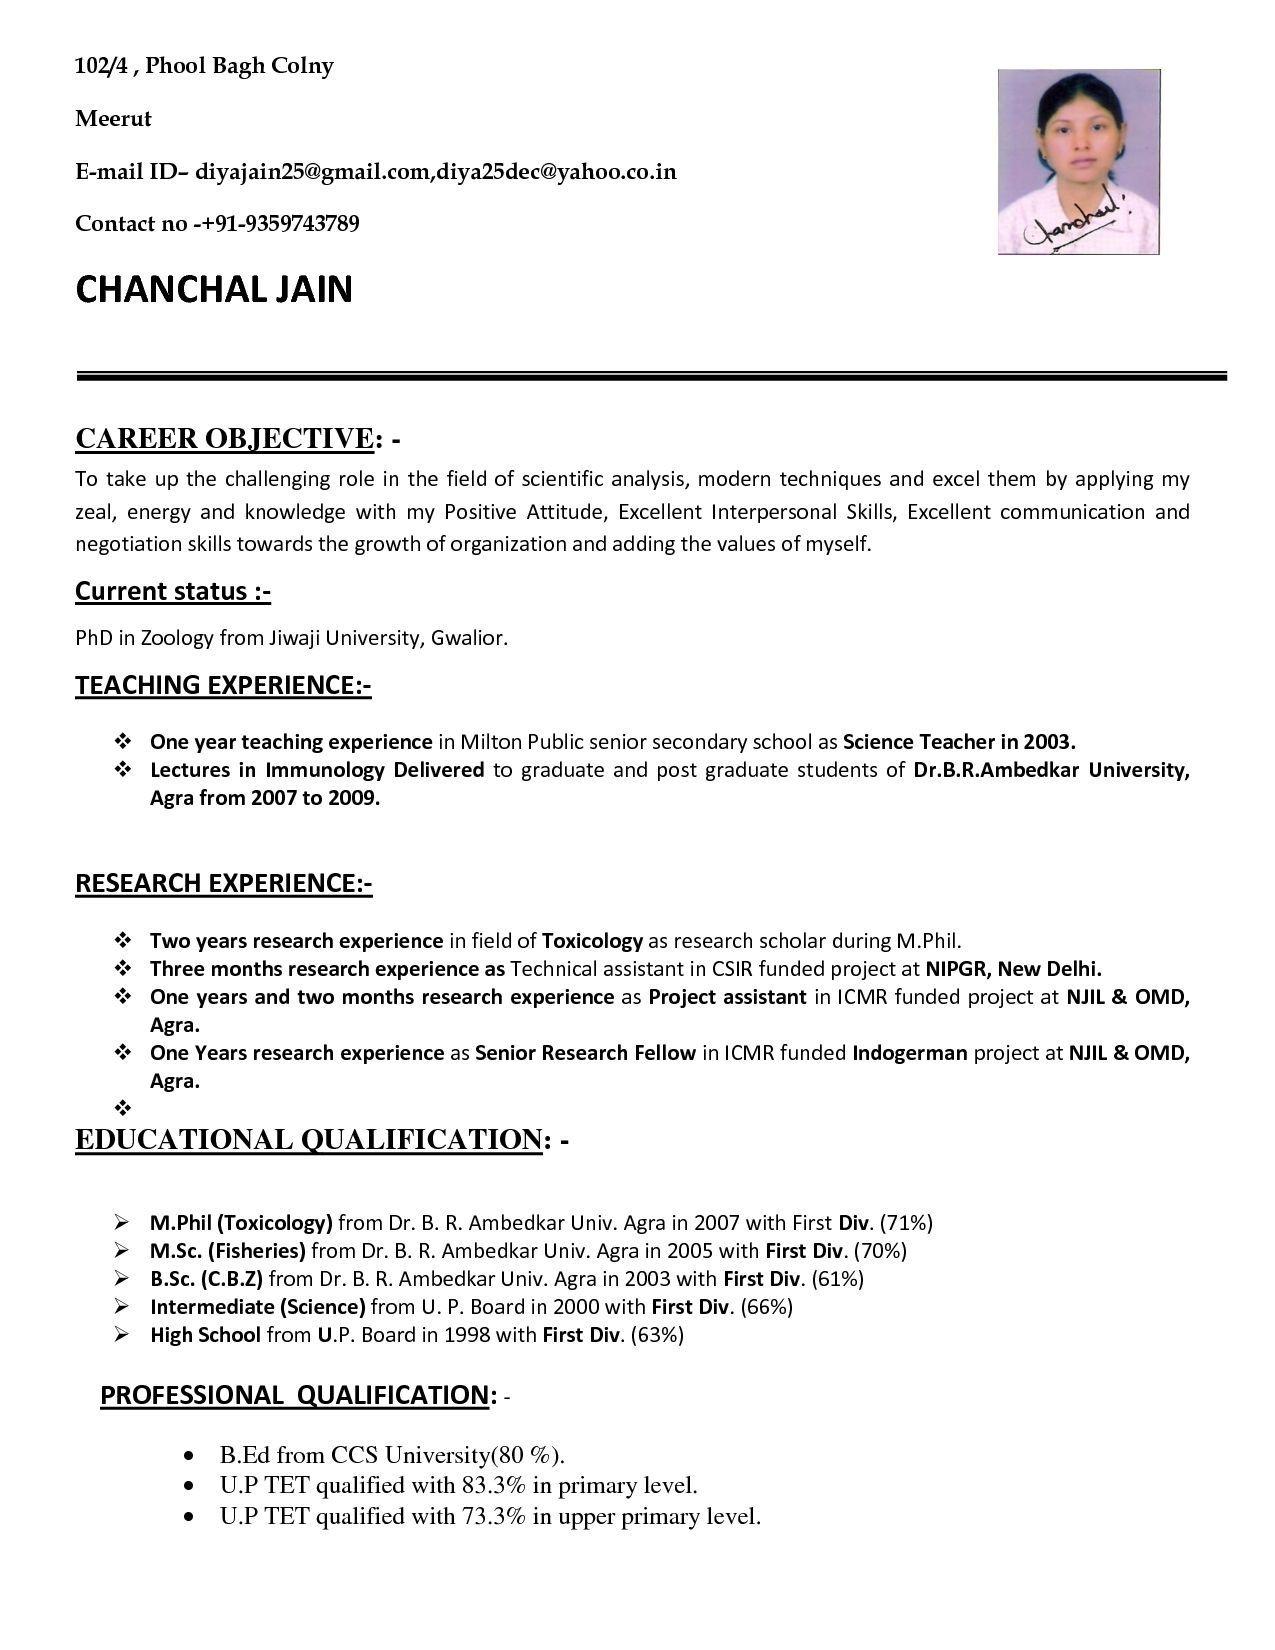 003 Breathtaking Resume Example For Teacher Job  Sample Cv SchoolFull